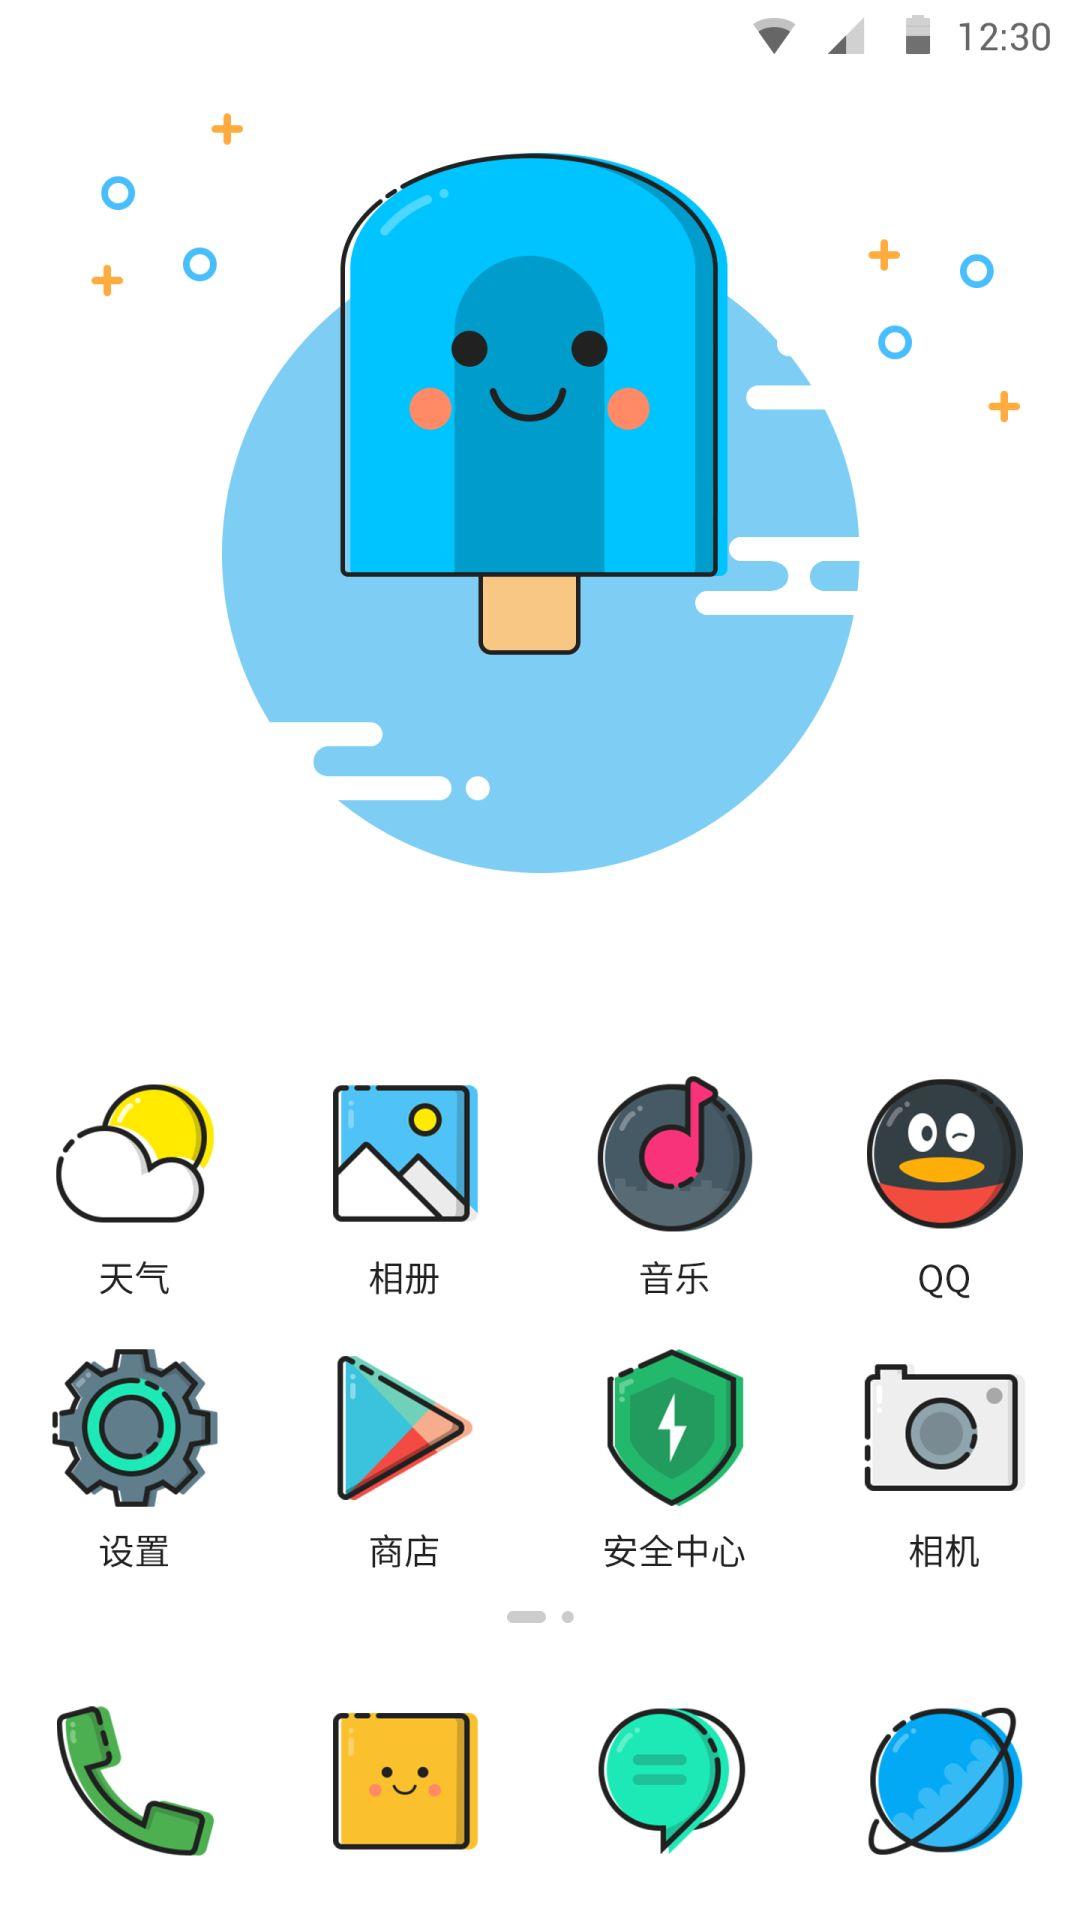 安卓手机图标不好看?试试这几款免费良心图标包(二)-7